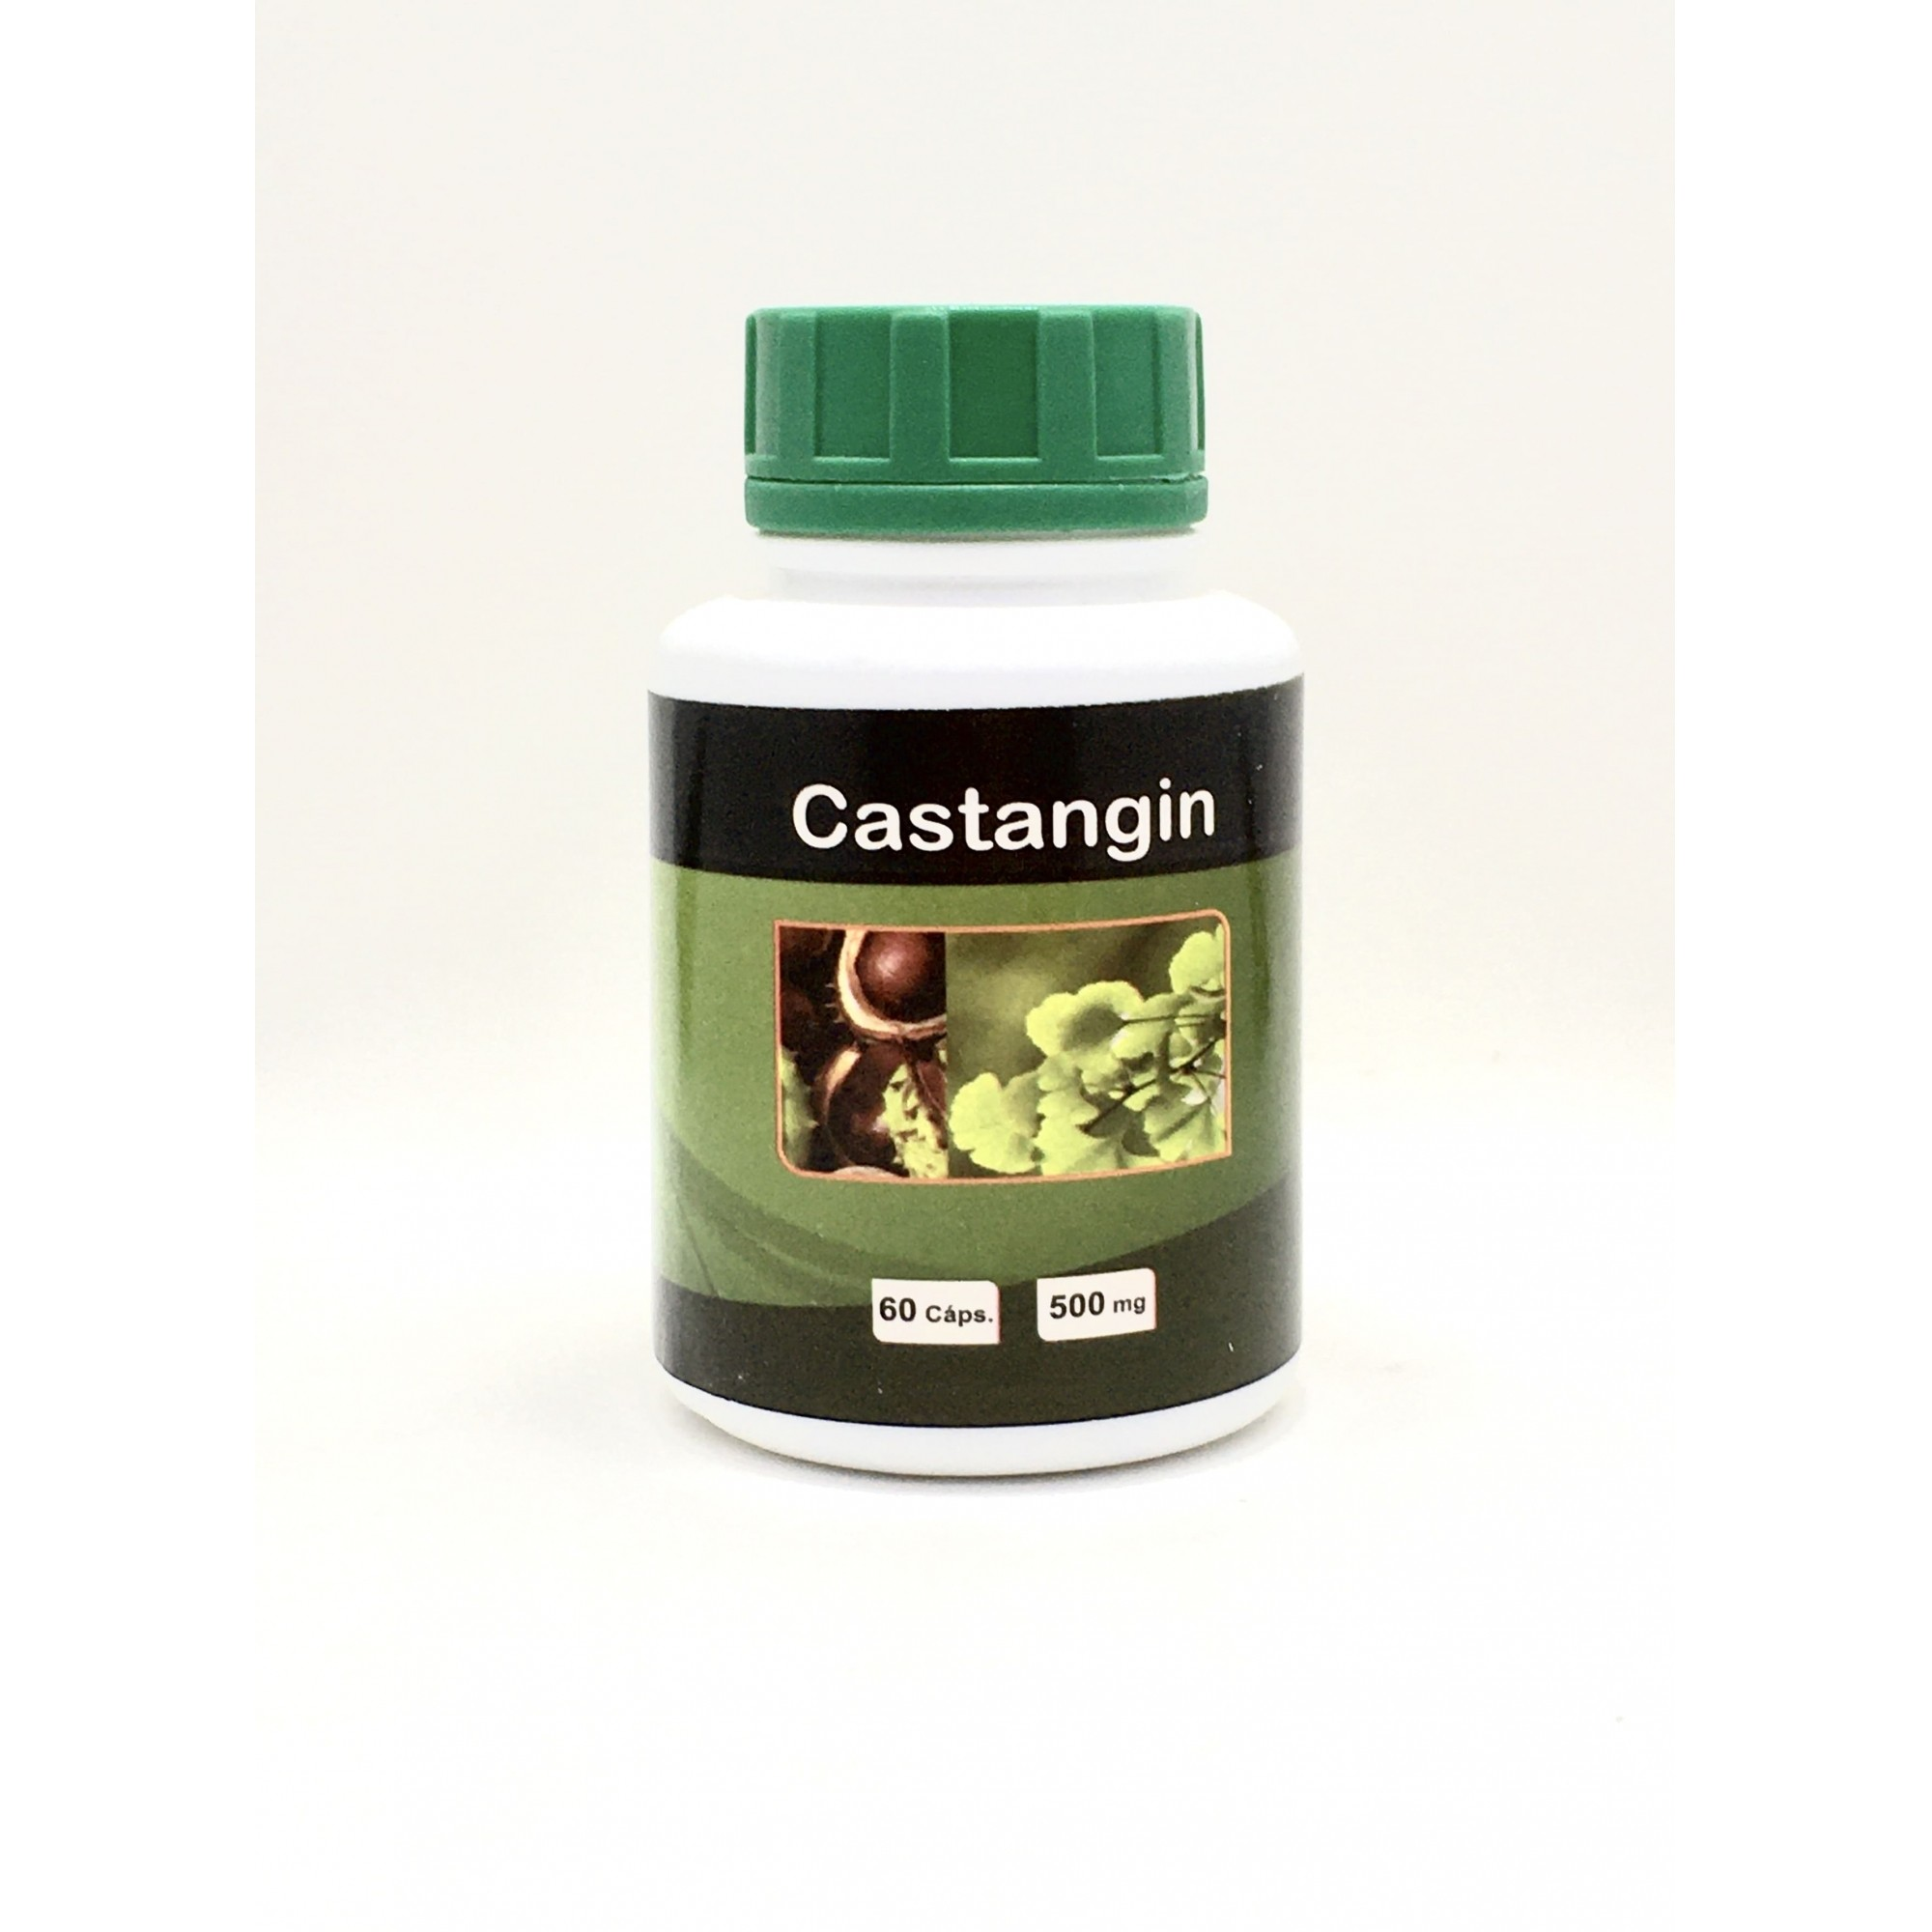 Castangin  - Casa do Mel